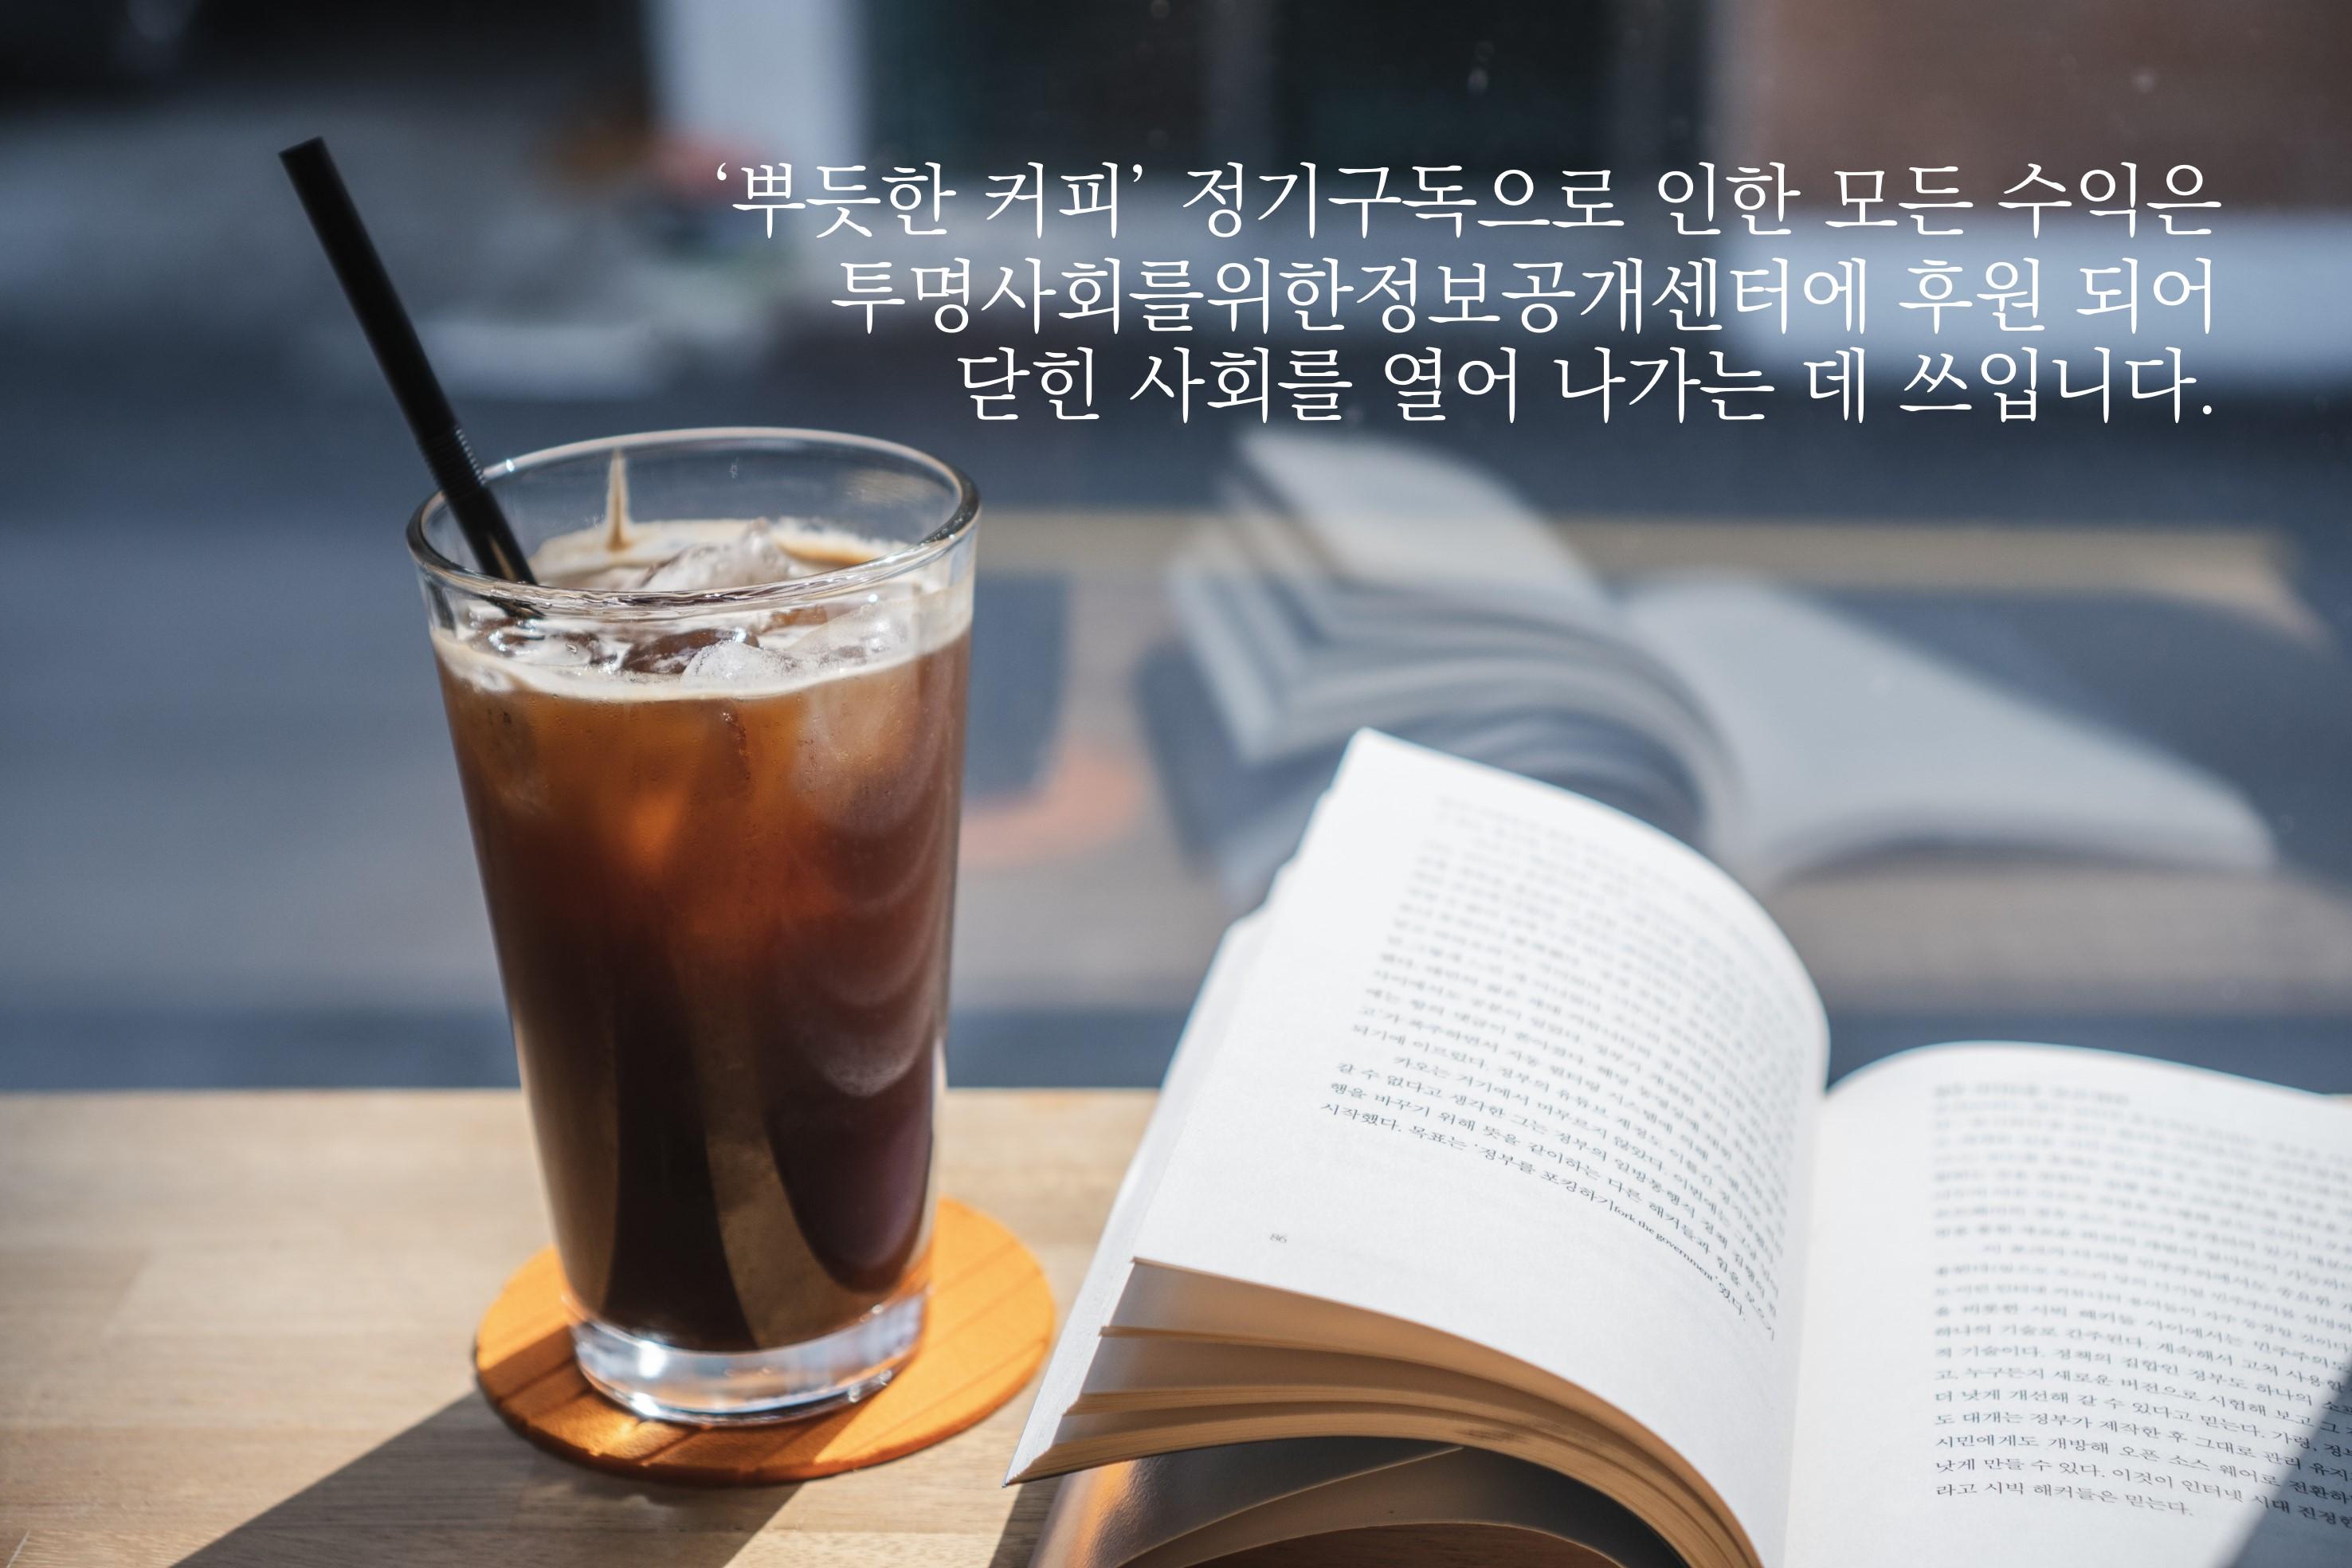 [뿌듯한커피] 커피를 마시는 일은 어렵지 않잖아요 :D